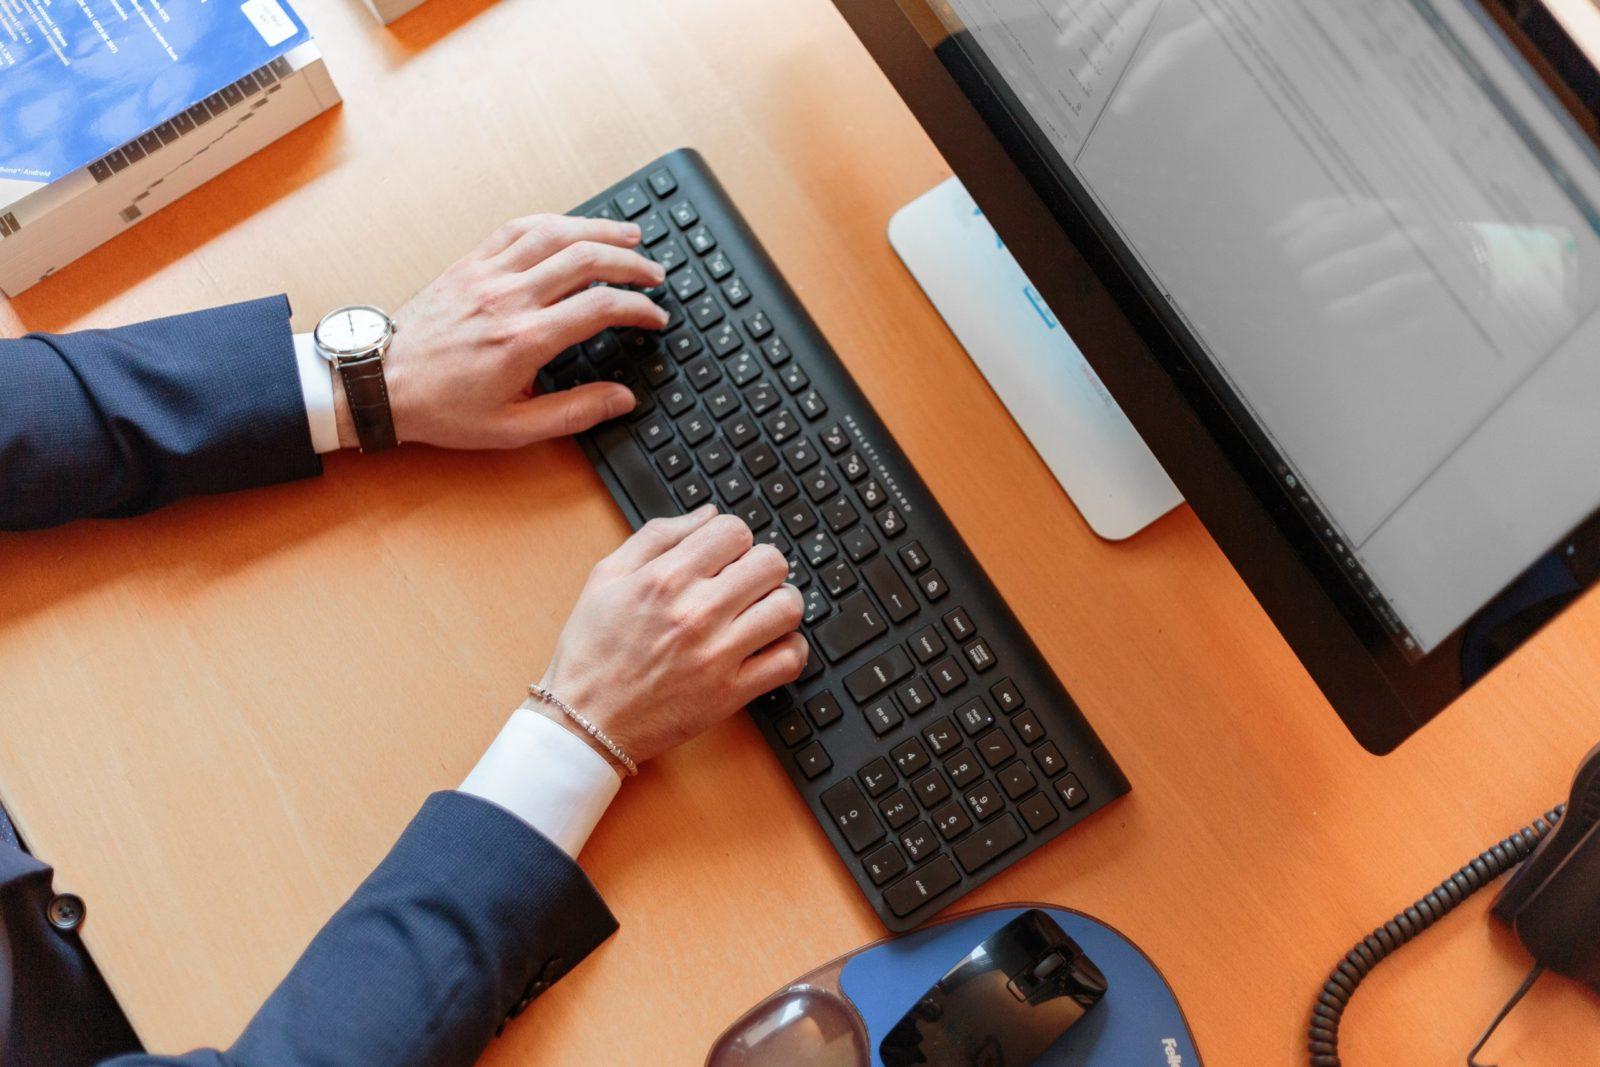 Eine Tastatur, ein Bildschirm und zwei Hände welche auf der Tastatur liegen.